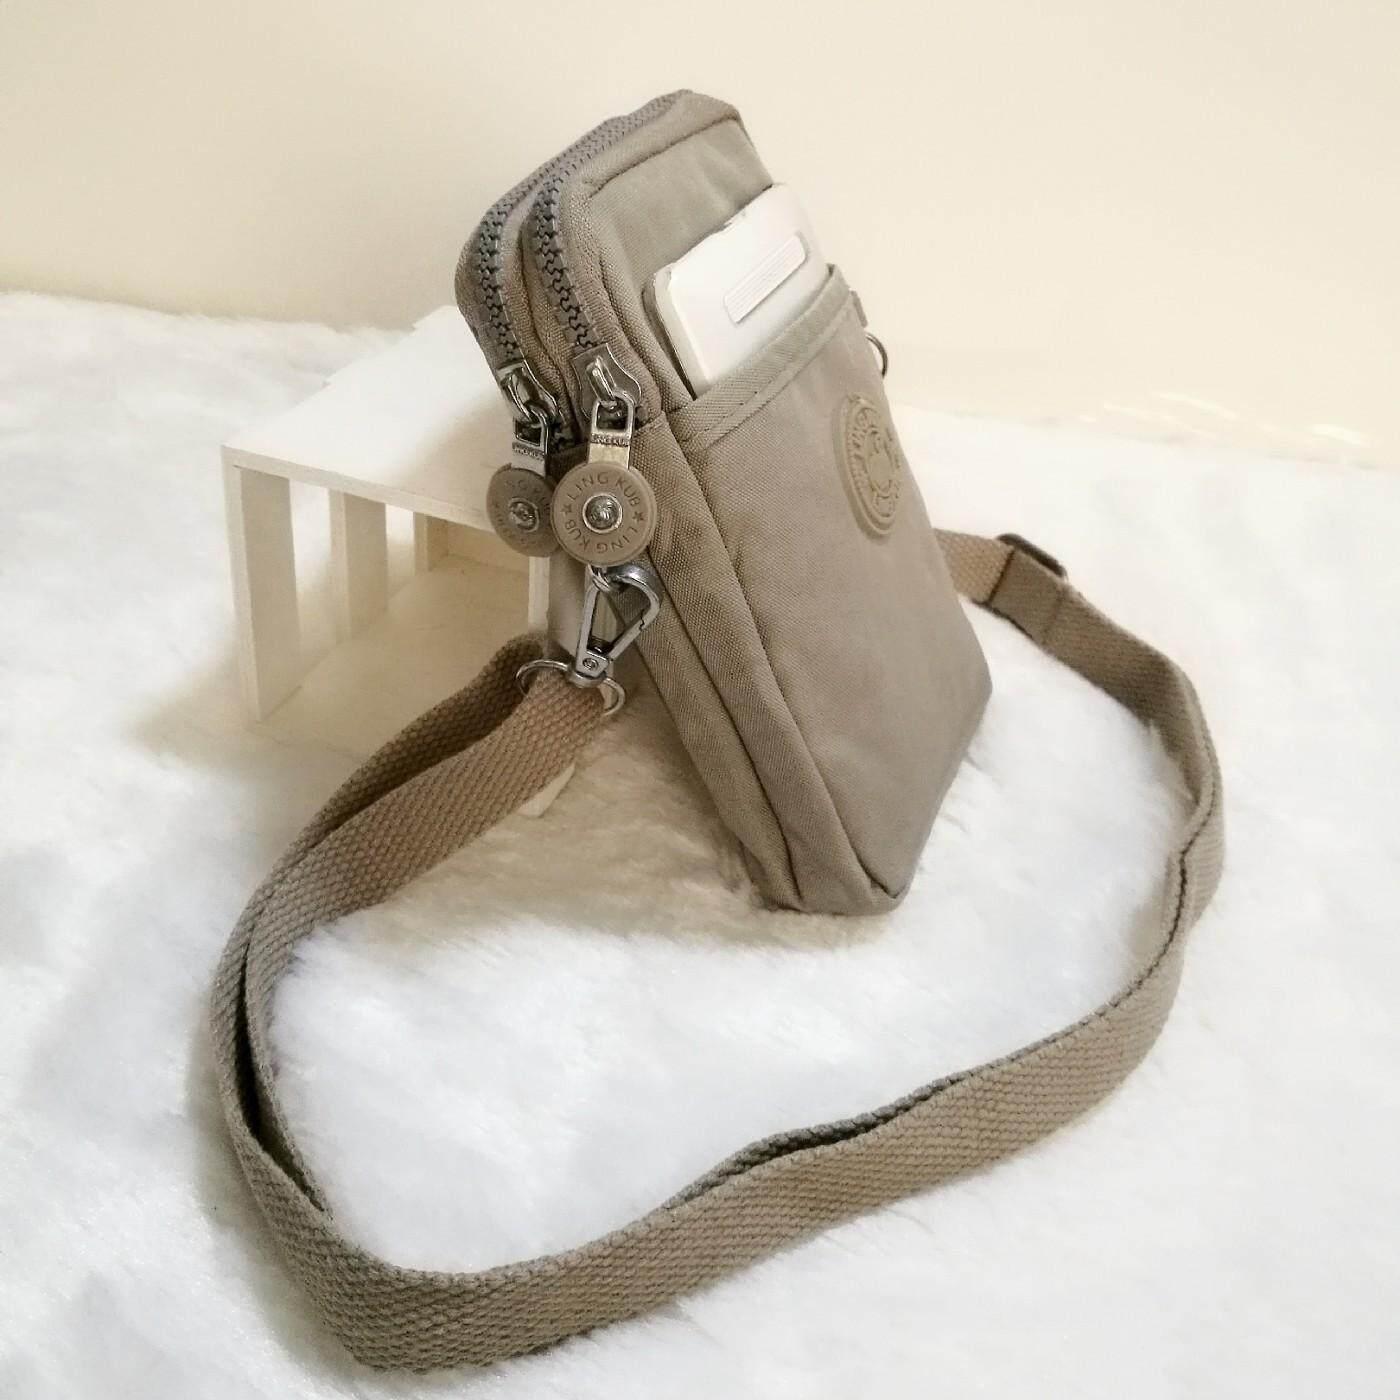 กระเป๋าสะพายพาดลำตัว นักเรียน ผู้หญิง วัยรุ่น กระบี่ Ling Kub ส่งด่วนส่ฟรี กระเป๋าสะพายข้างใบเล็ก3ชั้น คาดเข็มขัดได้ ผ้ากันน้ำ ขนาด10x17x3cm รุ่น ฺMLKB002 เลือกสีได้